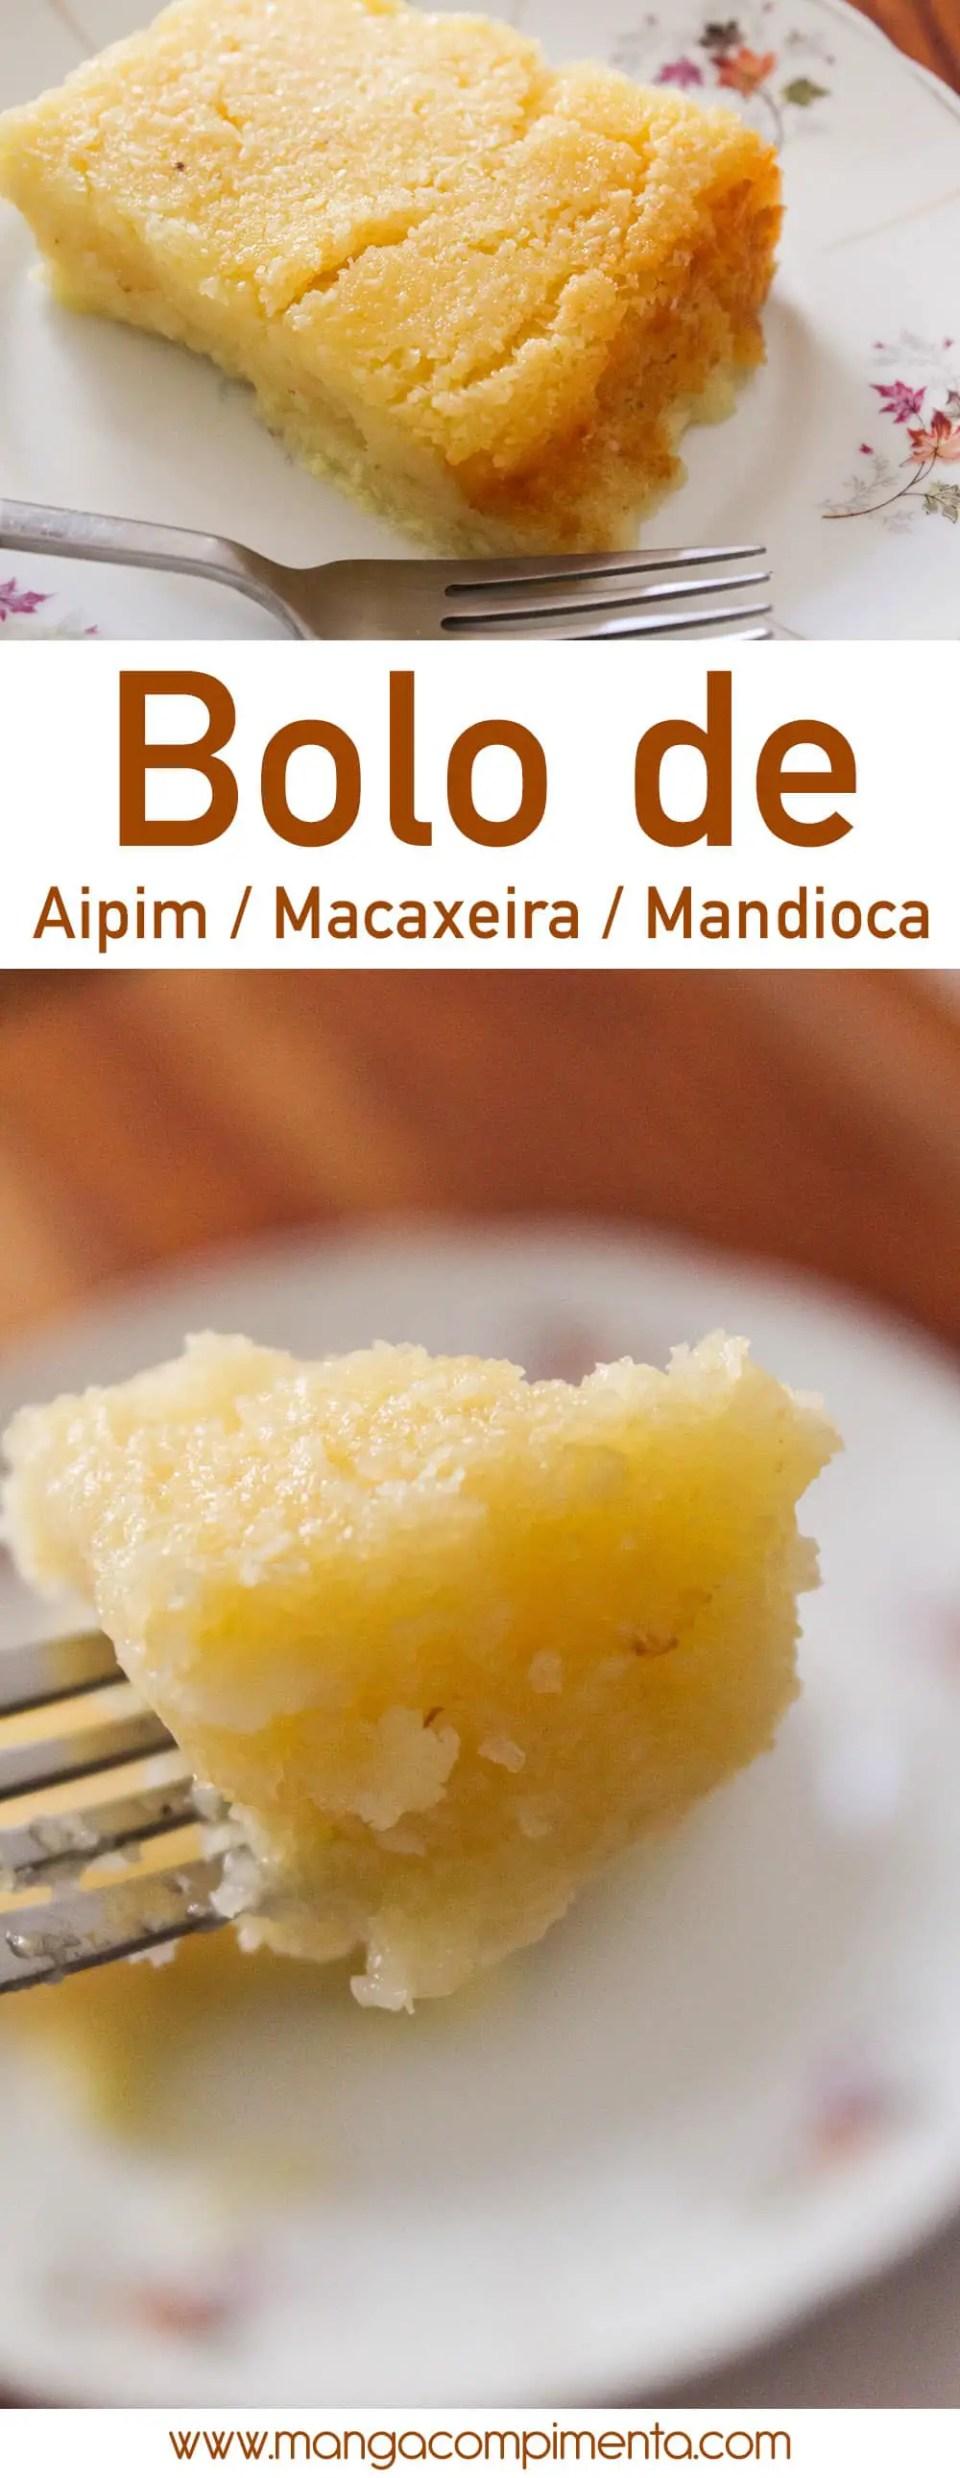 Bolo de Aipim - também conhecido como Macaxeira ou Mandioca, é uma receita bacana para fazer neste friozinho de inverno para o chá da tarde.